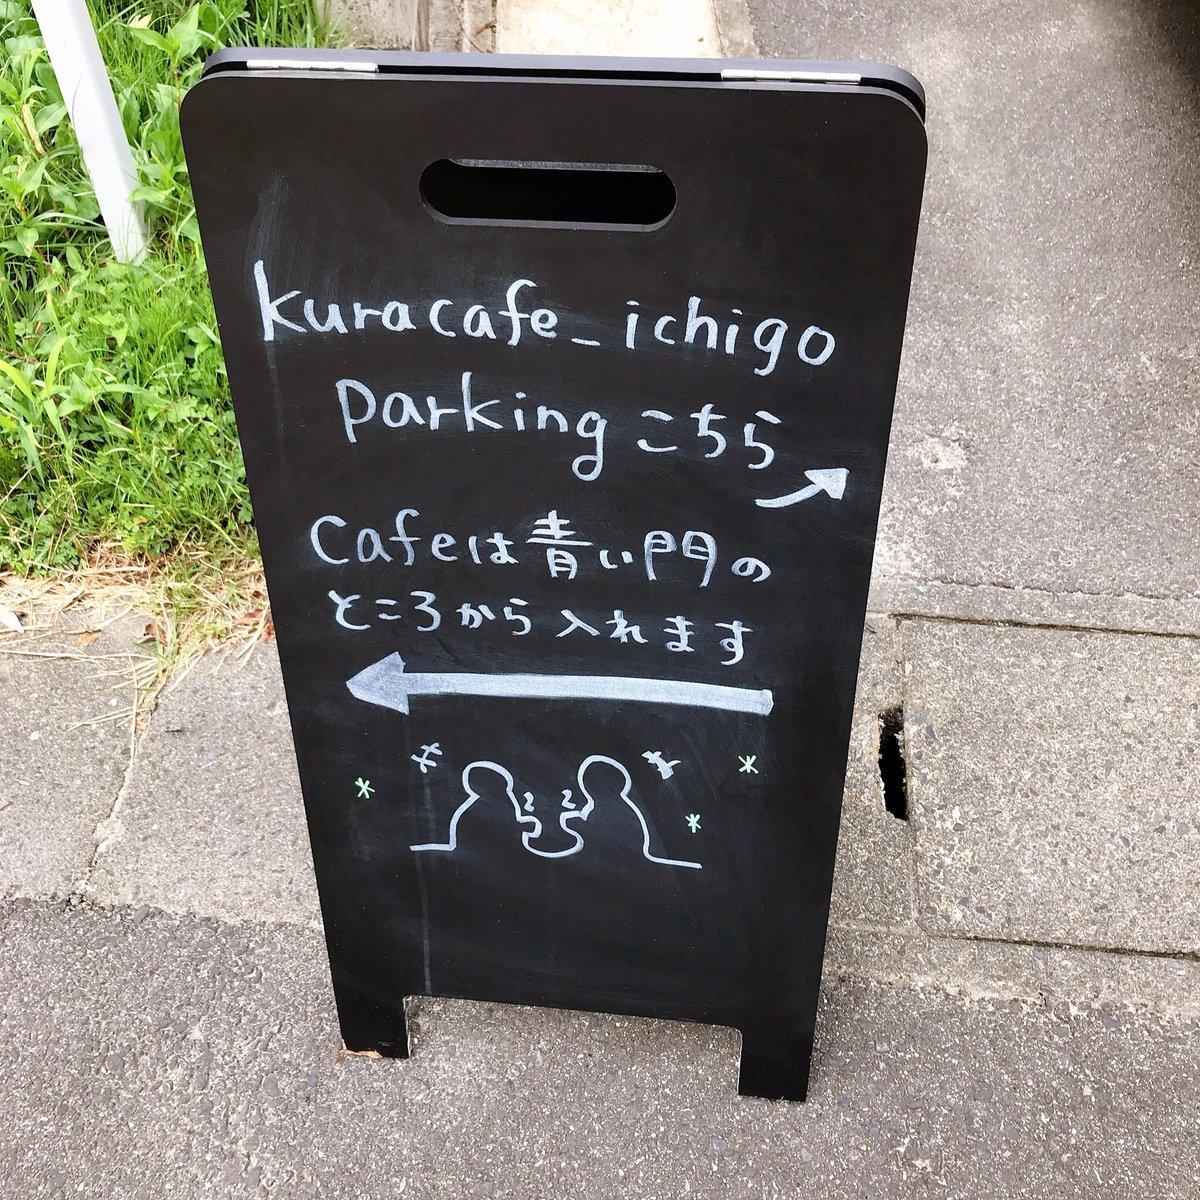 test ツイッターメディア - 【期間限定】岡崎市で日本酒を作る 柴田酒造さんの蔵cafe一合 今日が最終日です!  岡崎の老舗酒蔵さんが 期間限定で運営しています! 人里離れた山奥にあって 岡崎ってこんなに広いんだって思いますよ〜😊 ドライブついでにどうぞ!🚗  甘酒バナナスムージー🍌 白桃のジェラート🍑 いただきました! https://t.co/SWr7ACnvMA